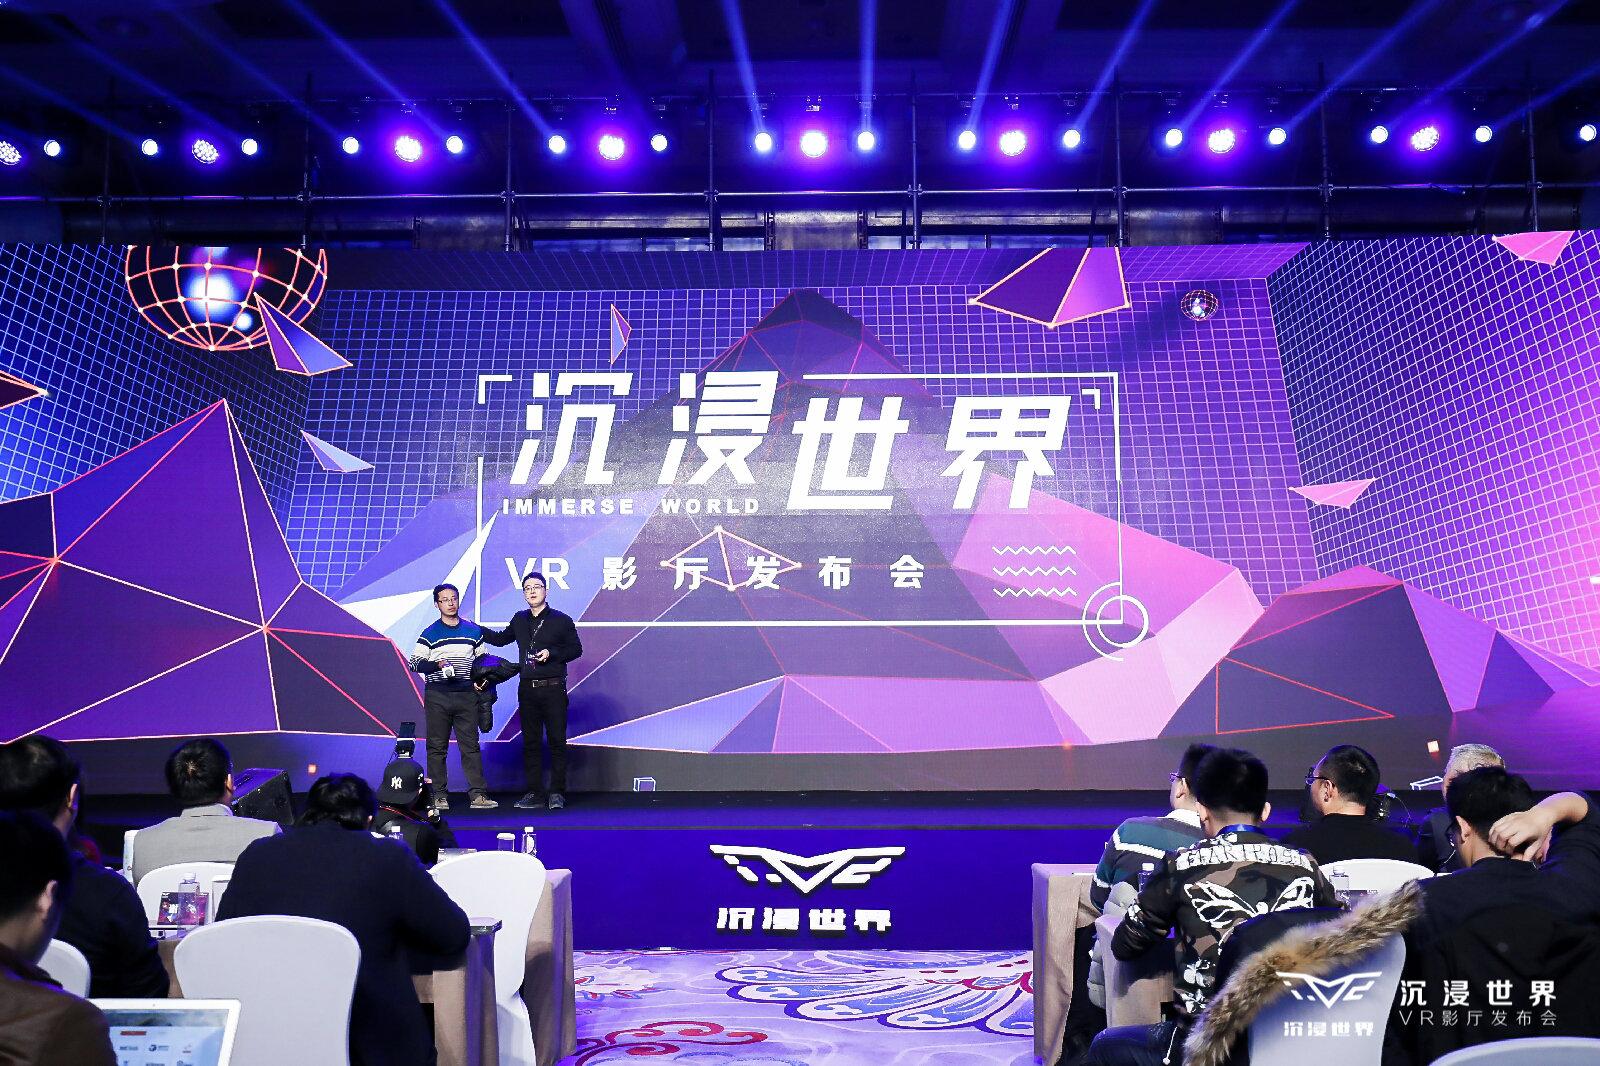 融资2000万,梁家辉,刘嘉玲主演电影VR版明年将上线这家VR影院 | 专访